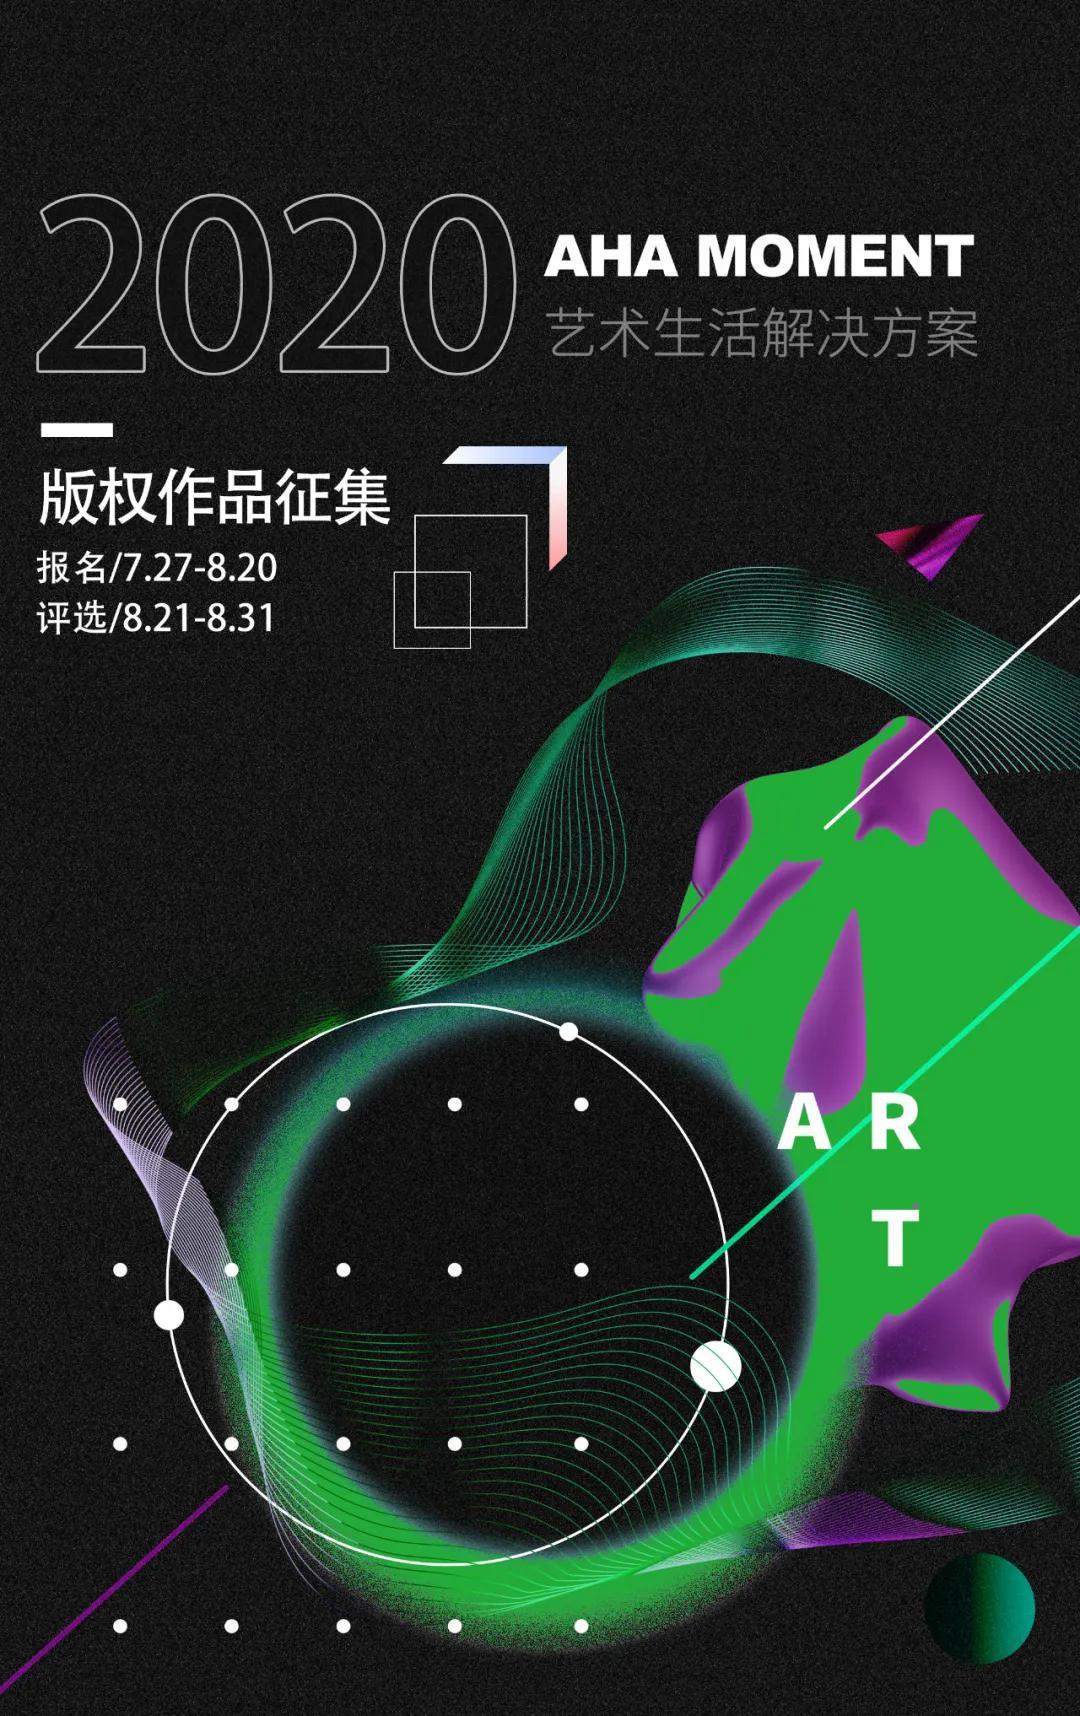 2020 AHA MOMENT艺术生活应该如何解决